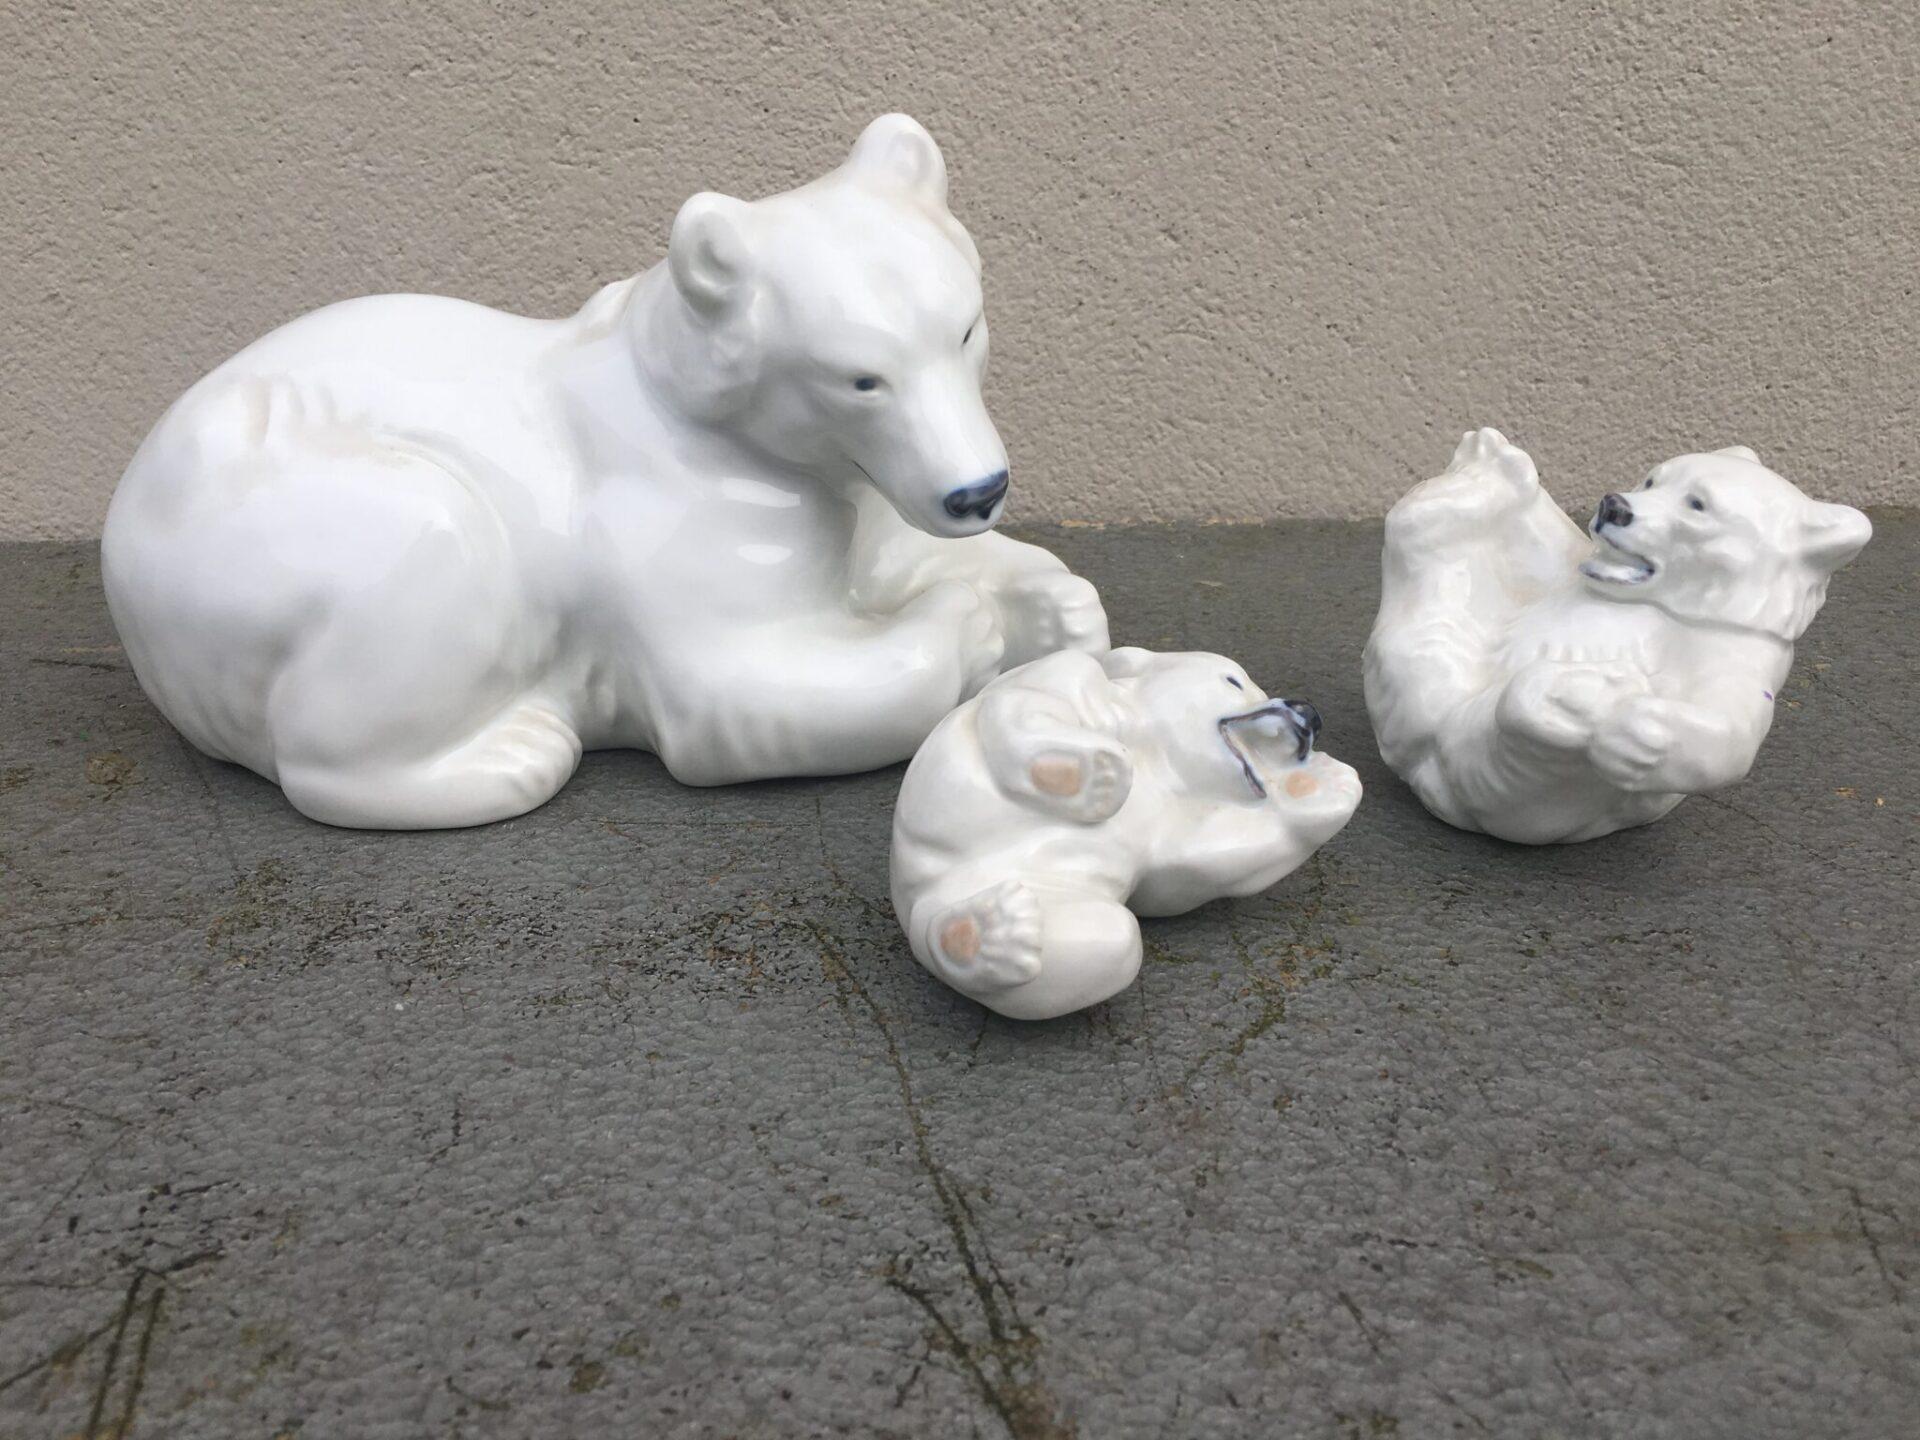 Kongelig porcelæn isbjørne, Mor + 2 unger i alt 1500 kr